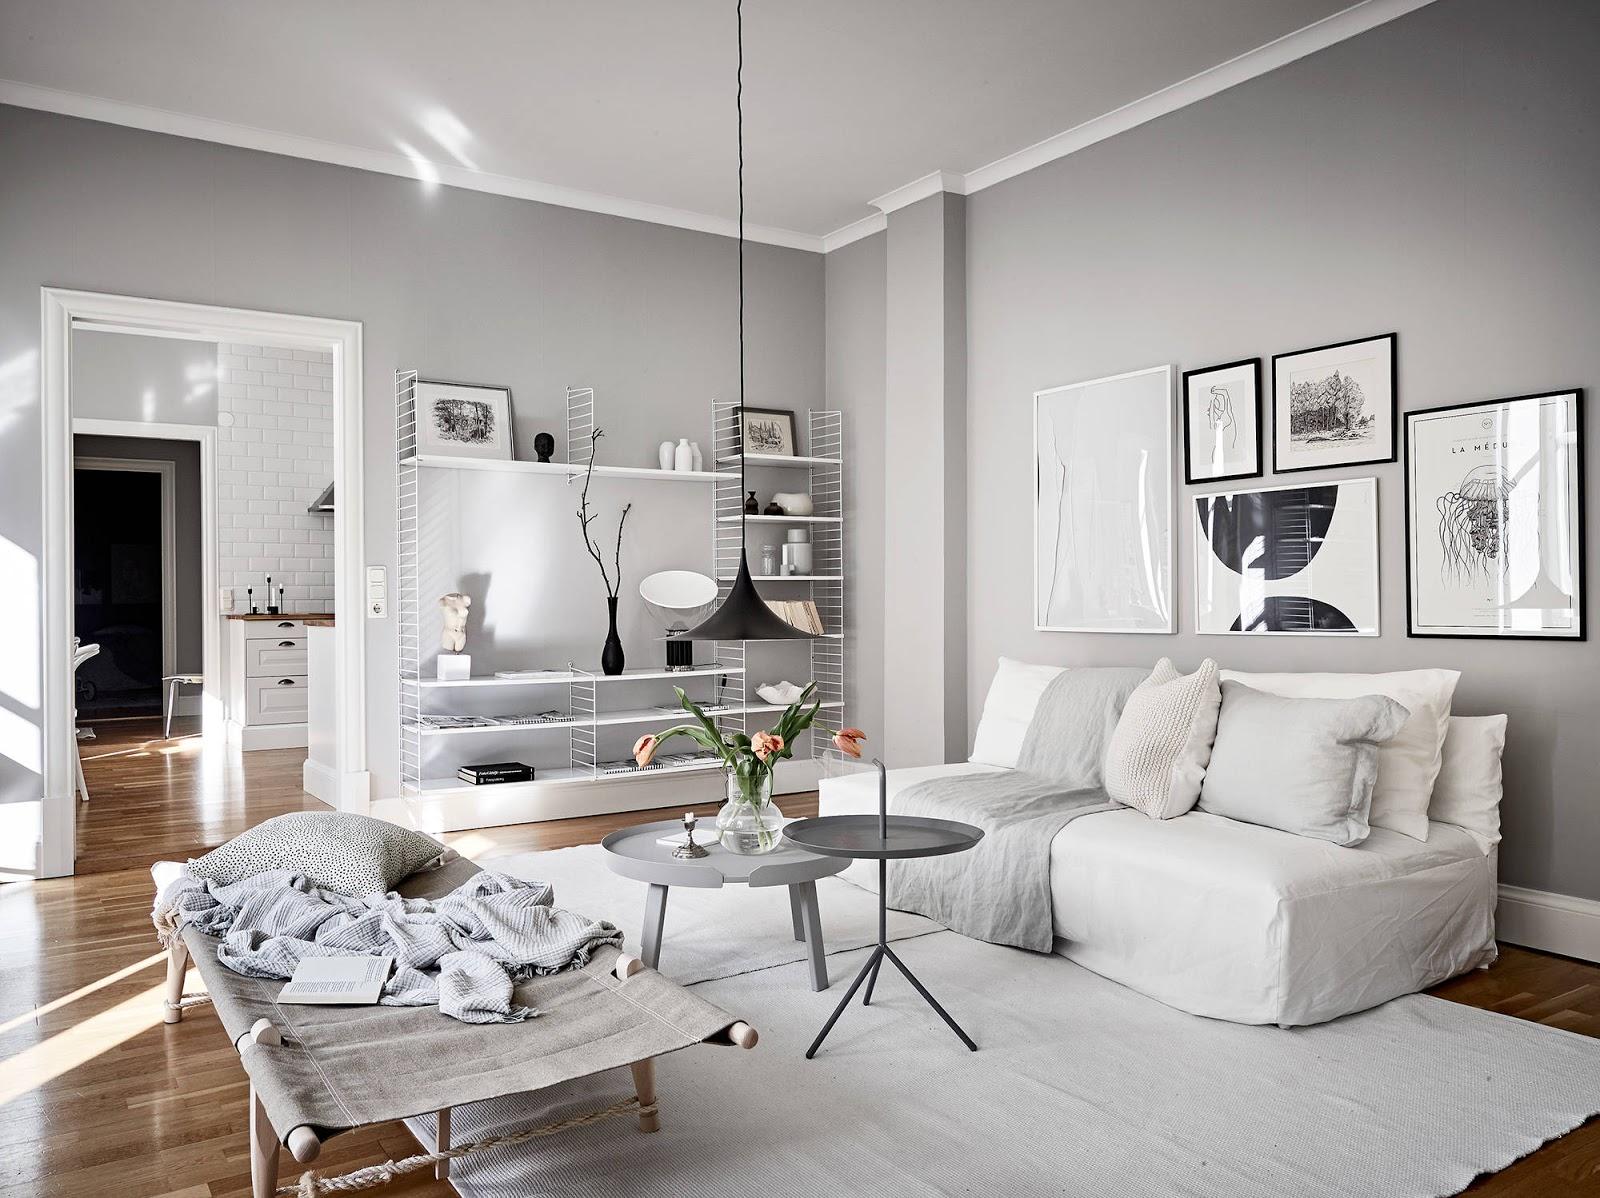 Appartamento con pareti grigie e arredi bianchi arc art for Pareti grigie soggiorno